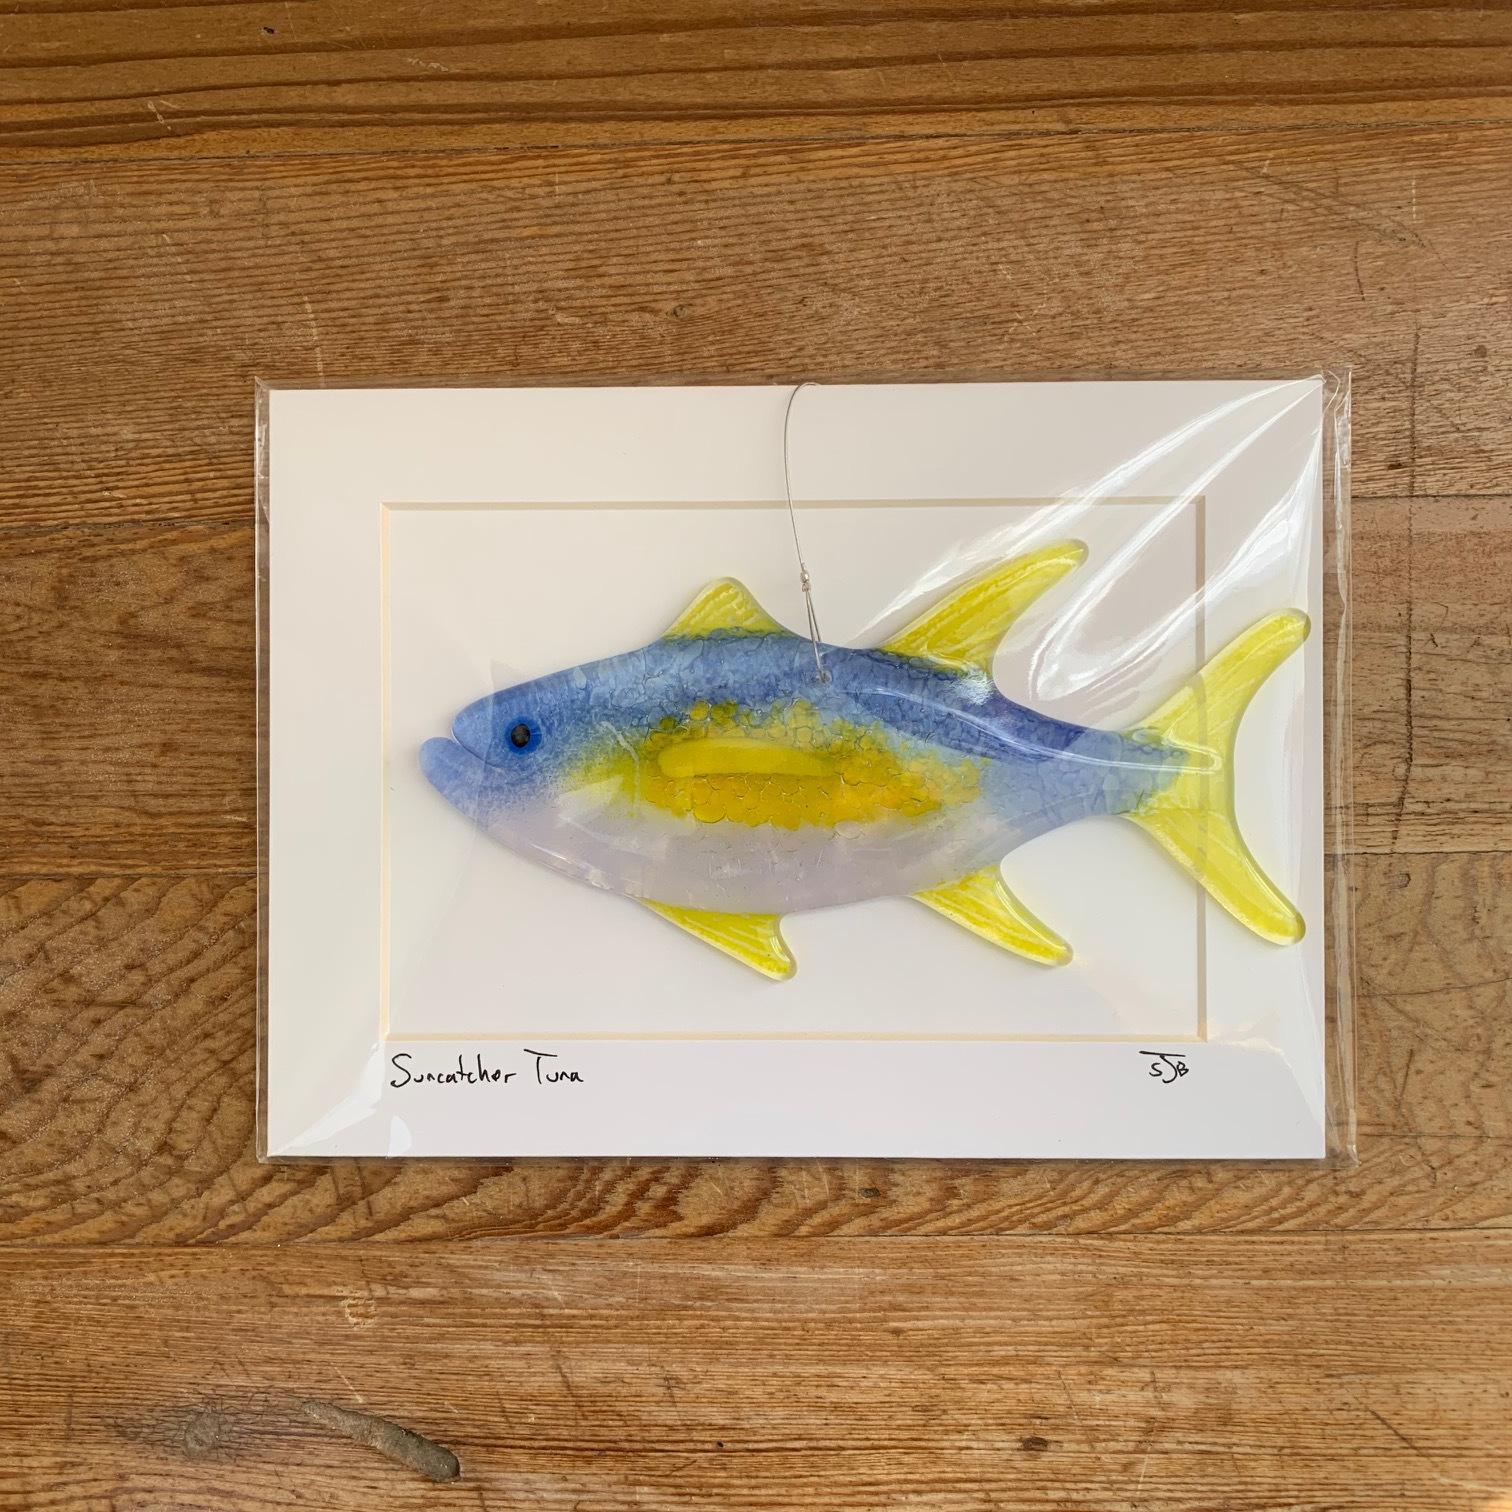 tuna-suncatcher